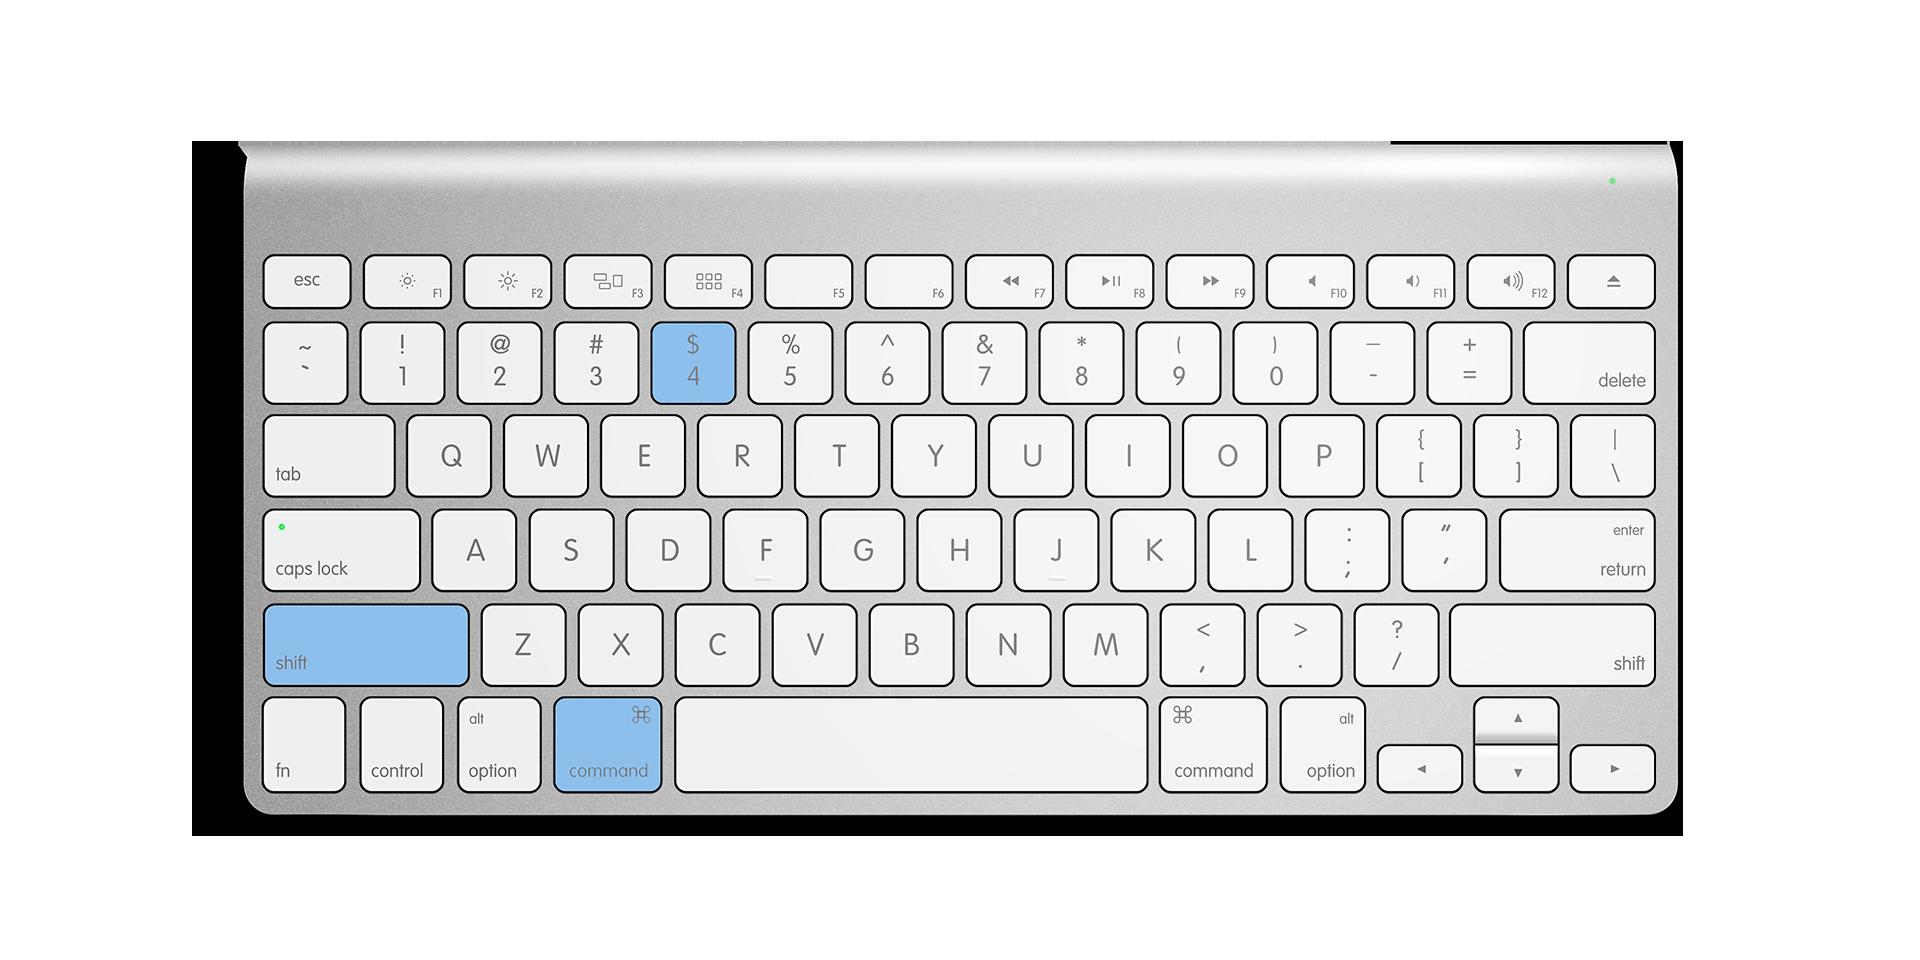 Как сделать скрин всего экрана с прокруткой